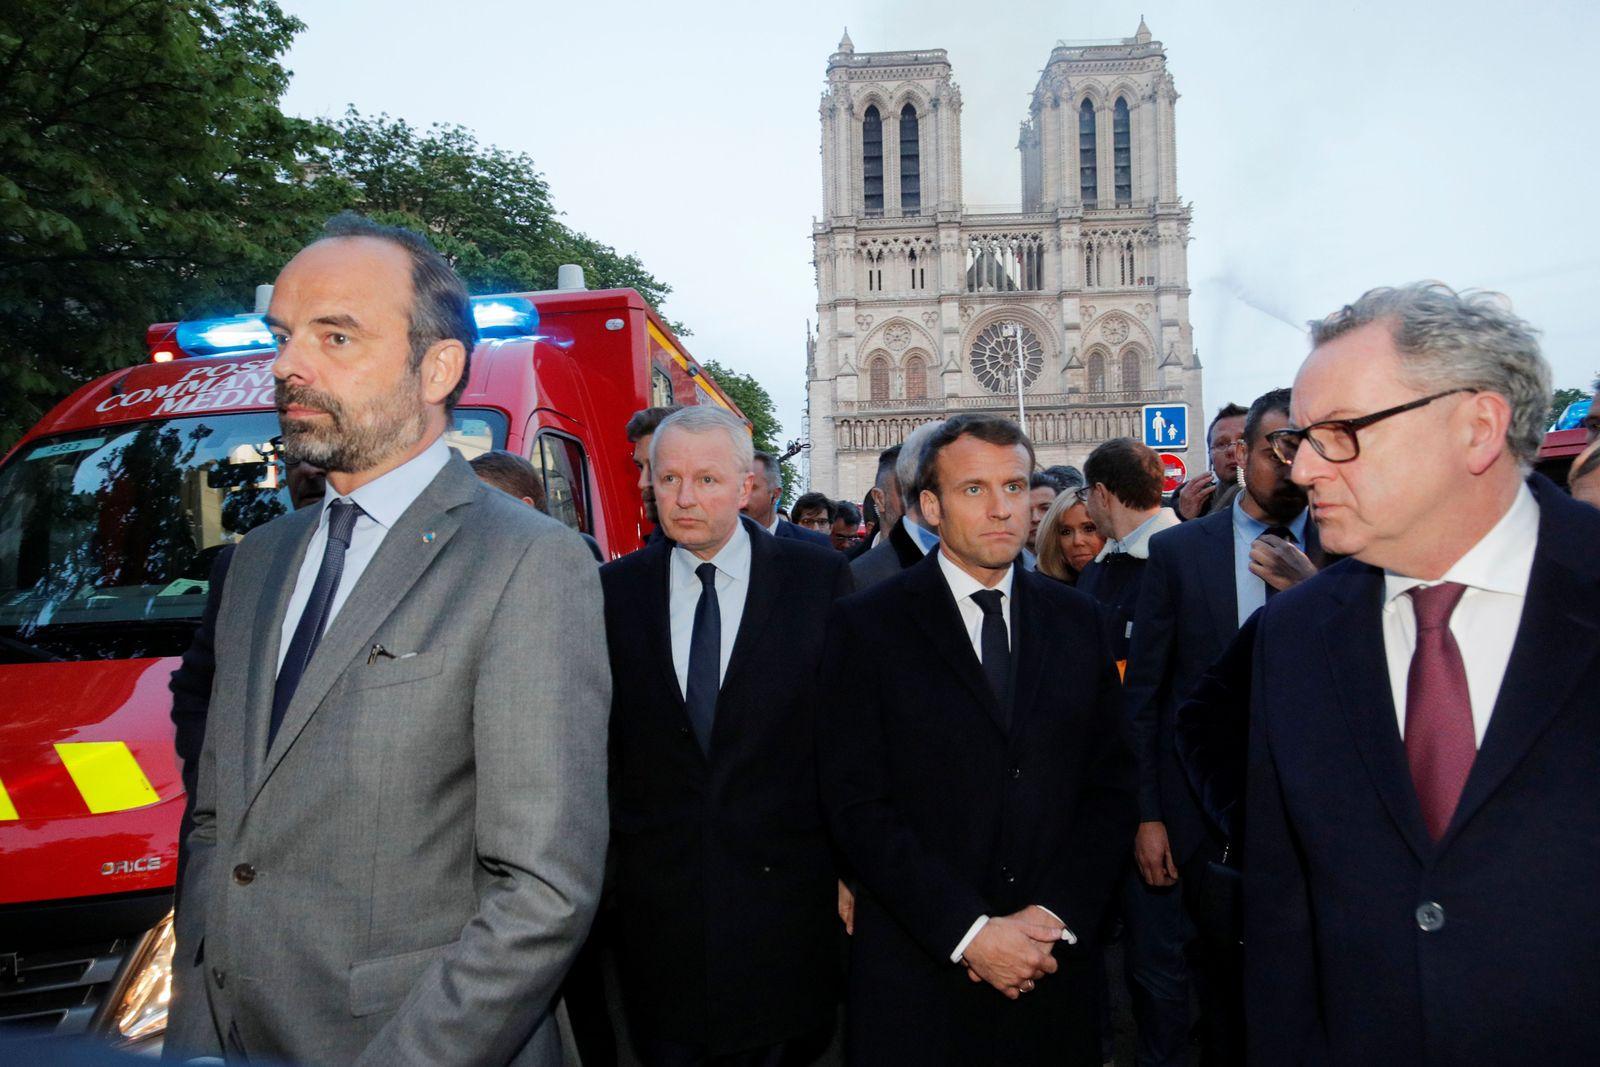 Macron bei der Notre Dame